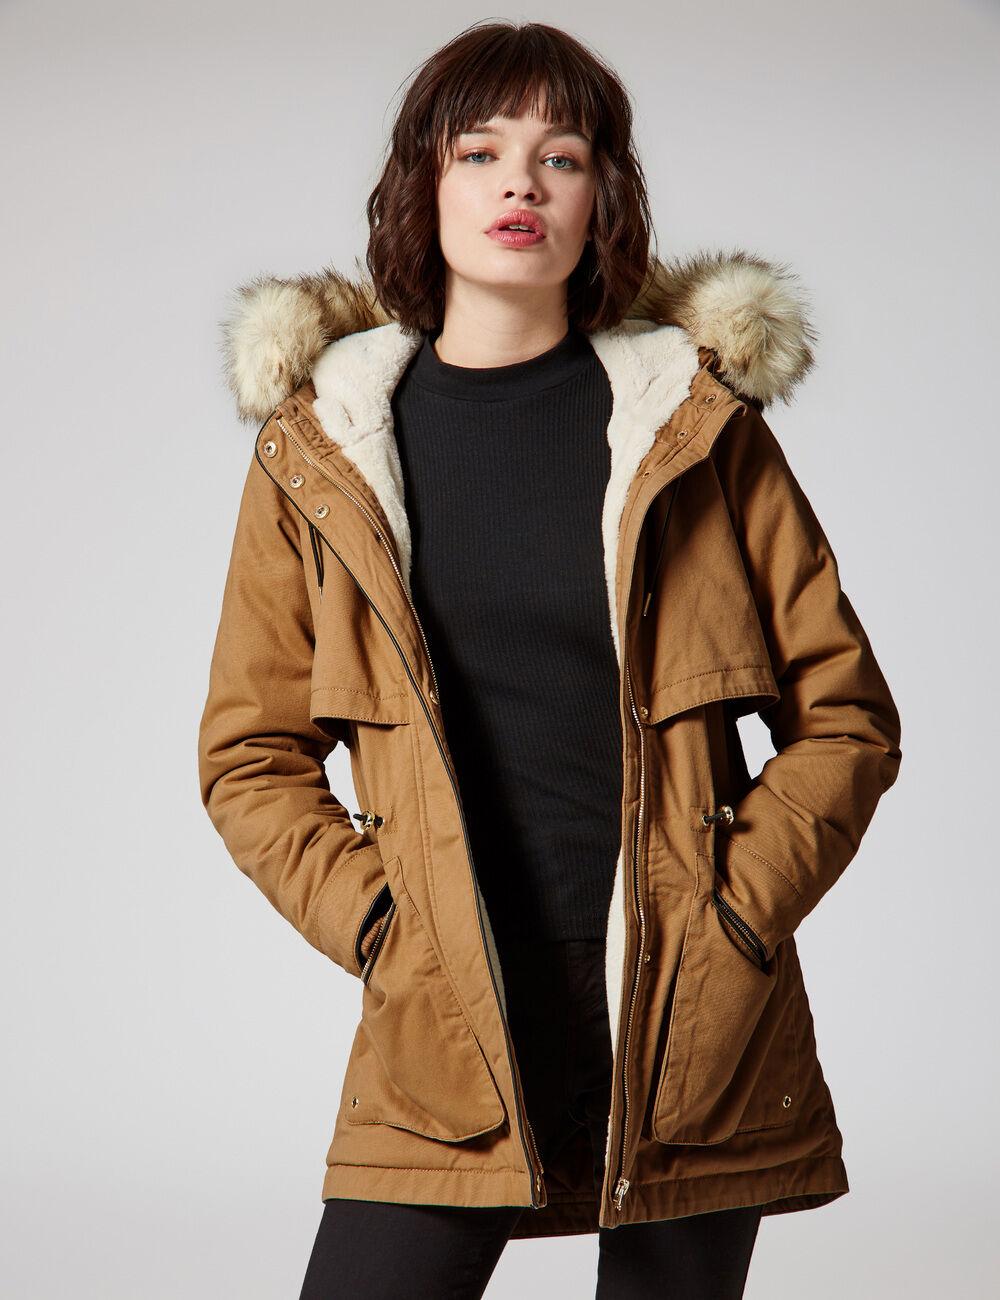 Femme 60 Manteau Jusqu'à Soldes Veste amp; wRqYxtZH6